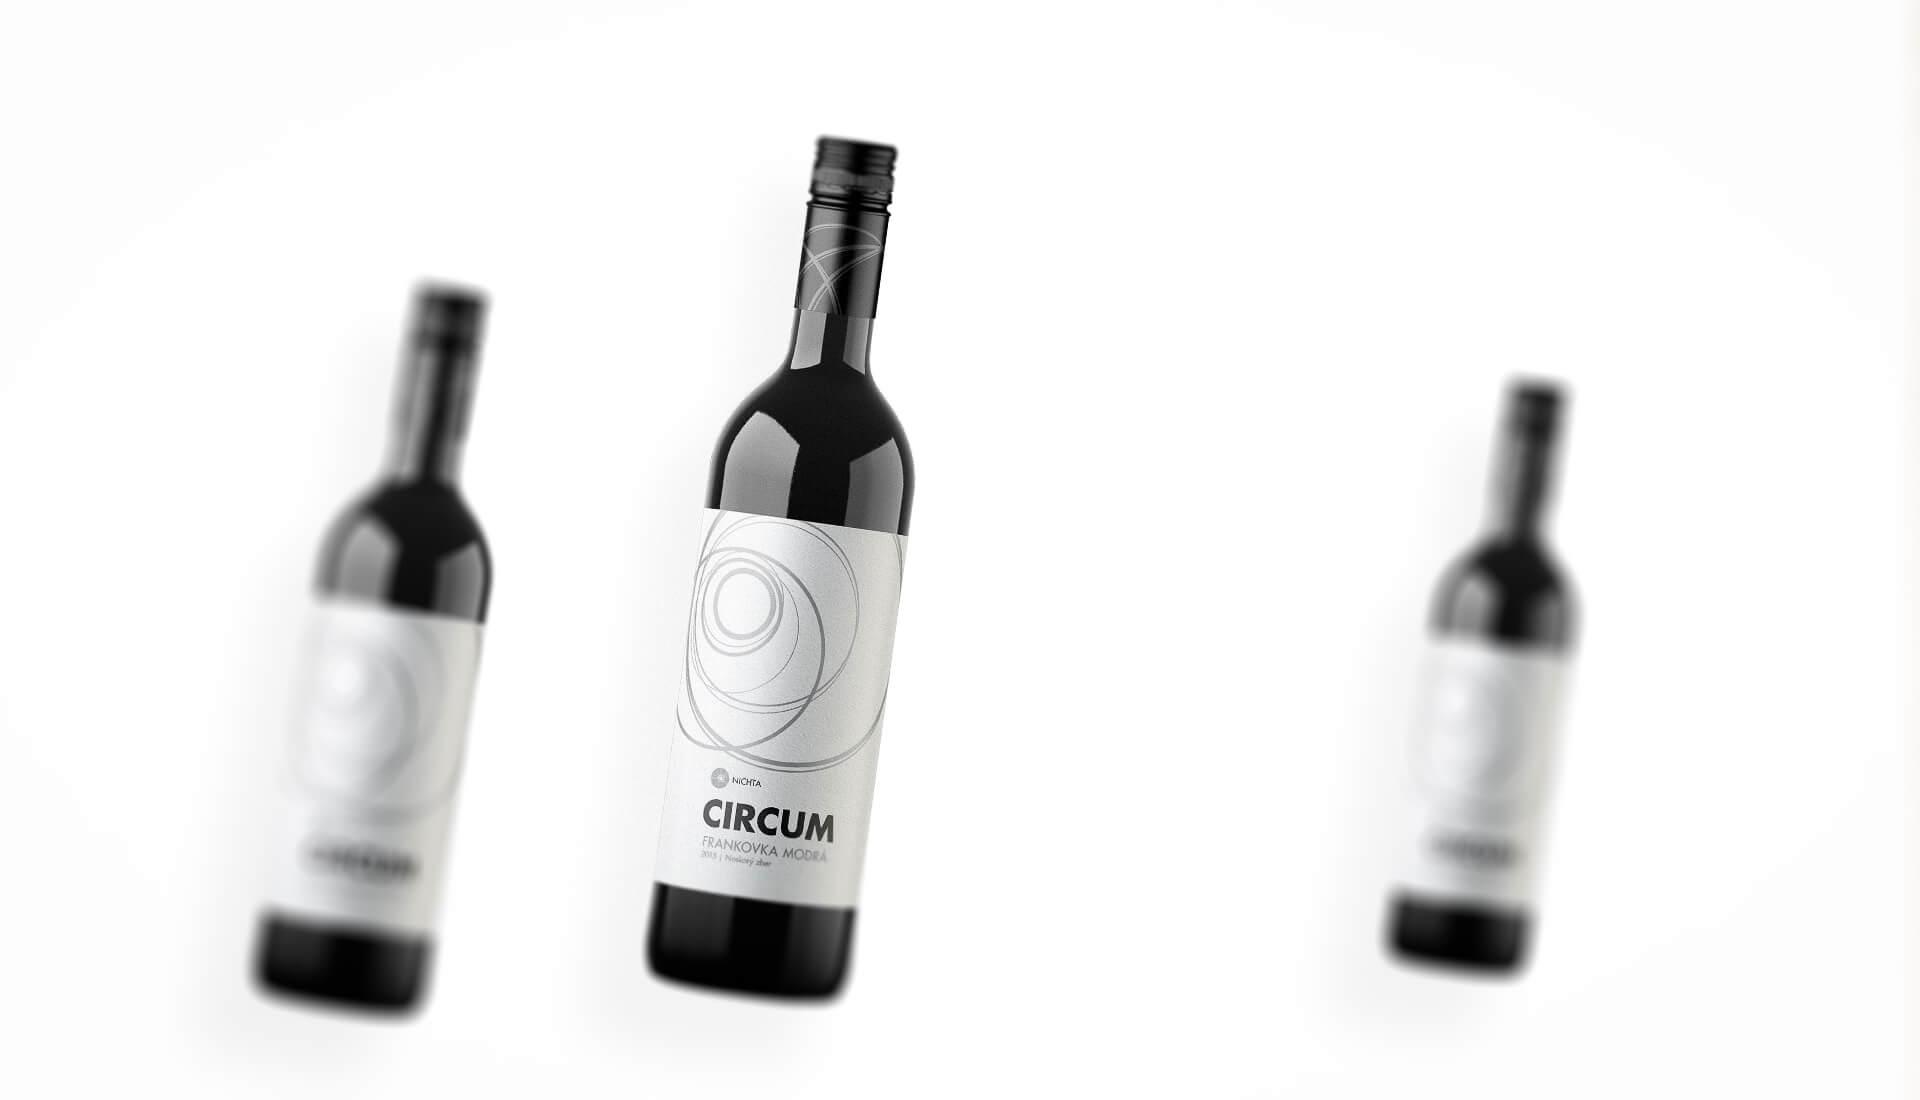 Etiketa na víno obalový dizajn NICHTA CIRCUM červené víno